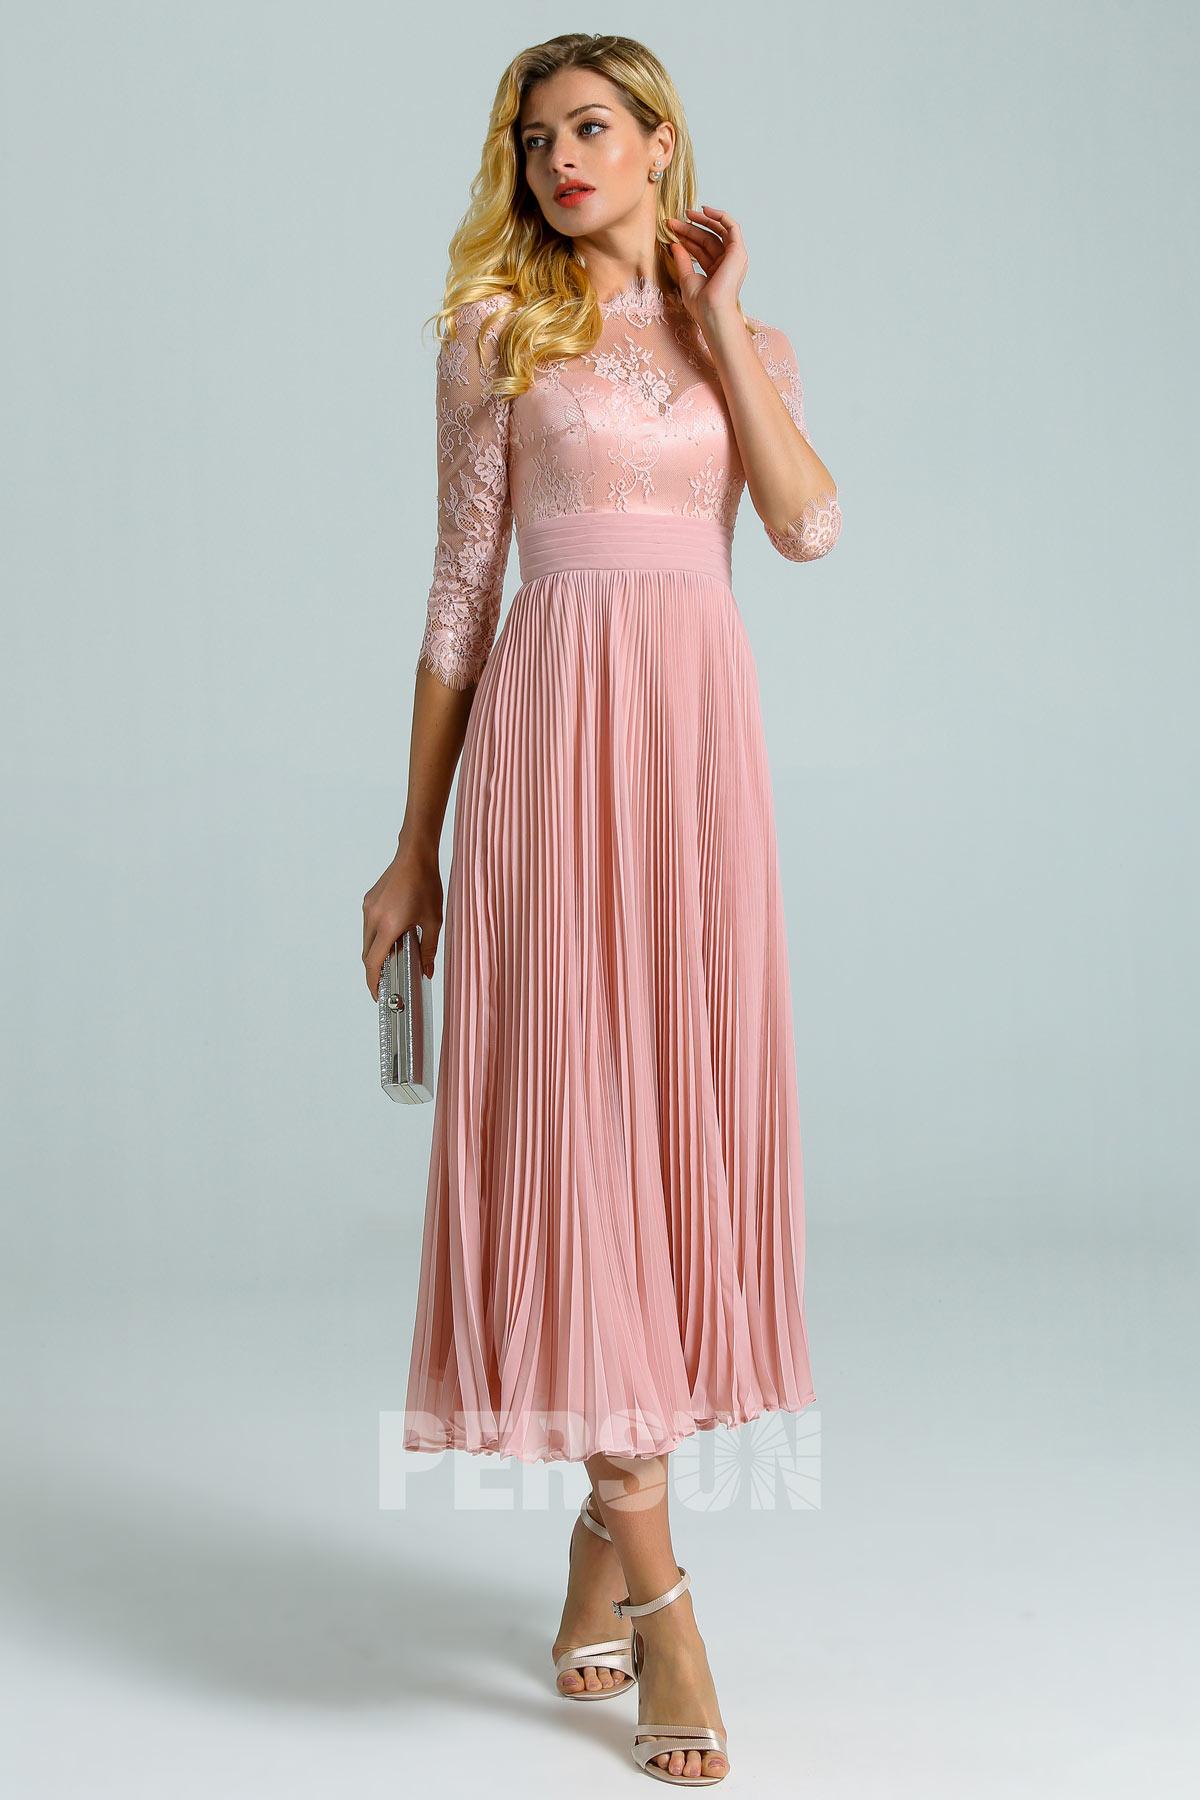 robe de cocktail midi rose chair col illusion dentelle à jupe plissé manches courtes